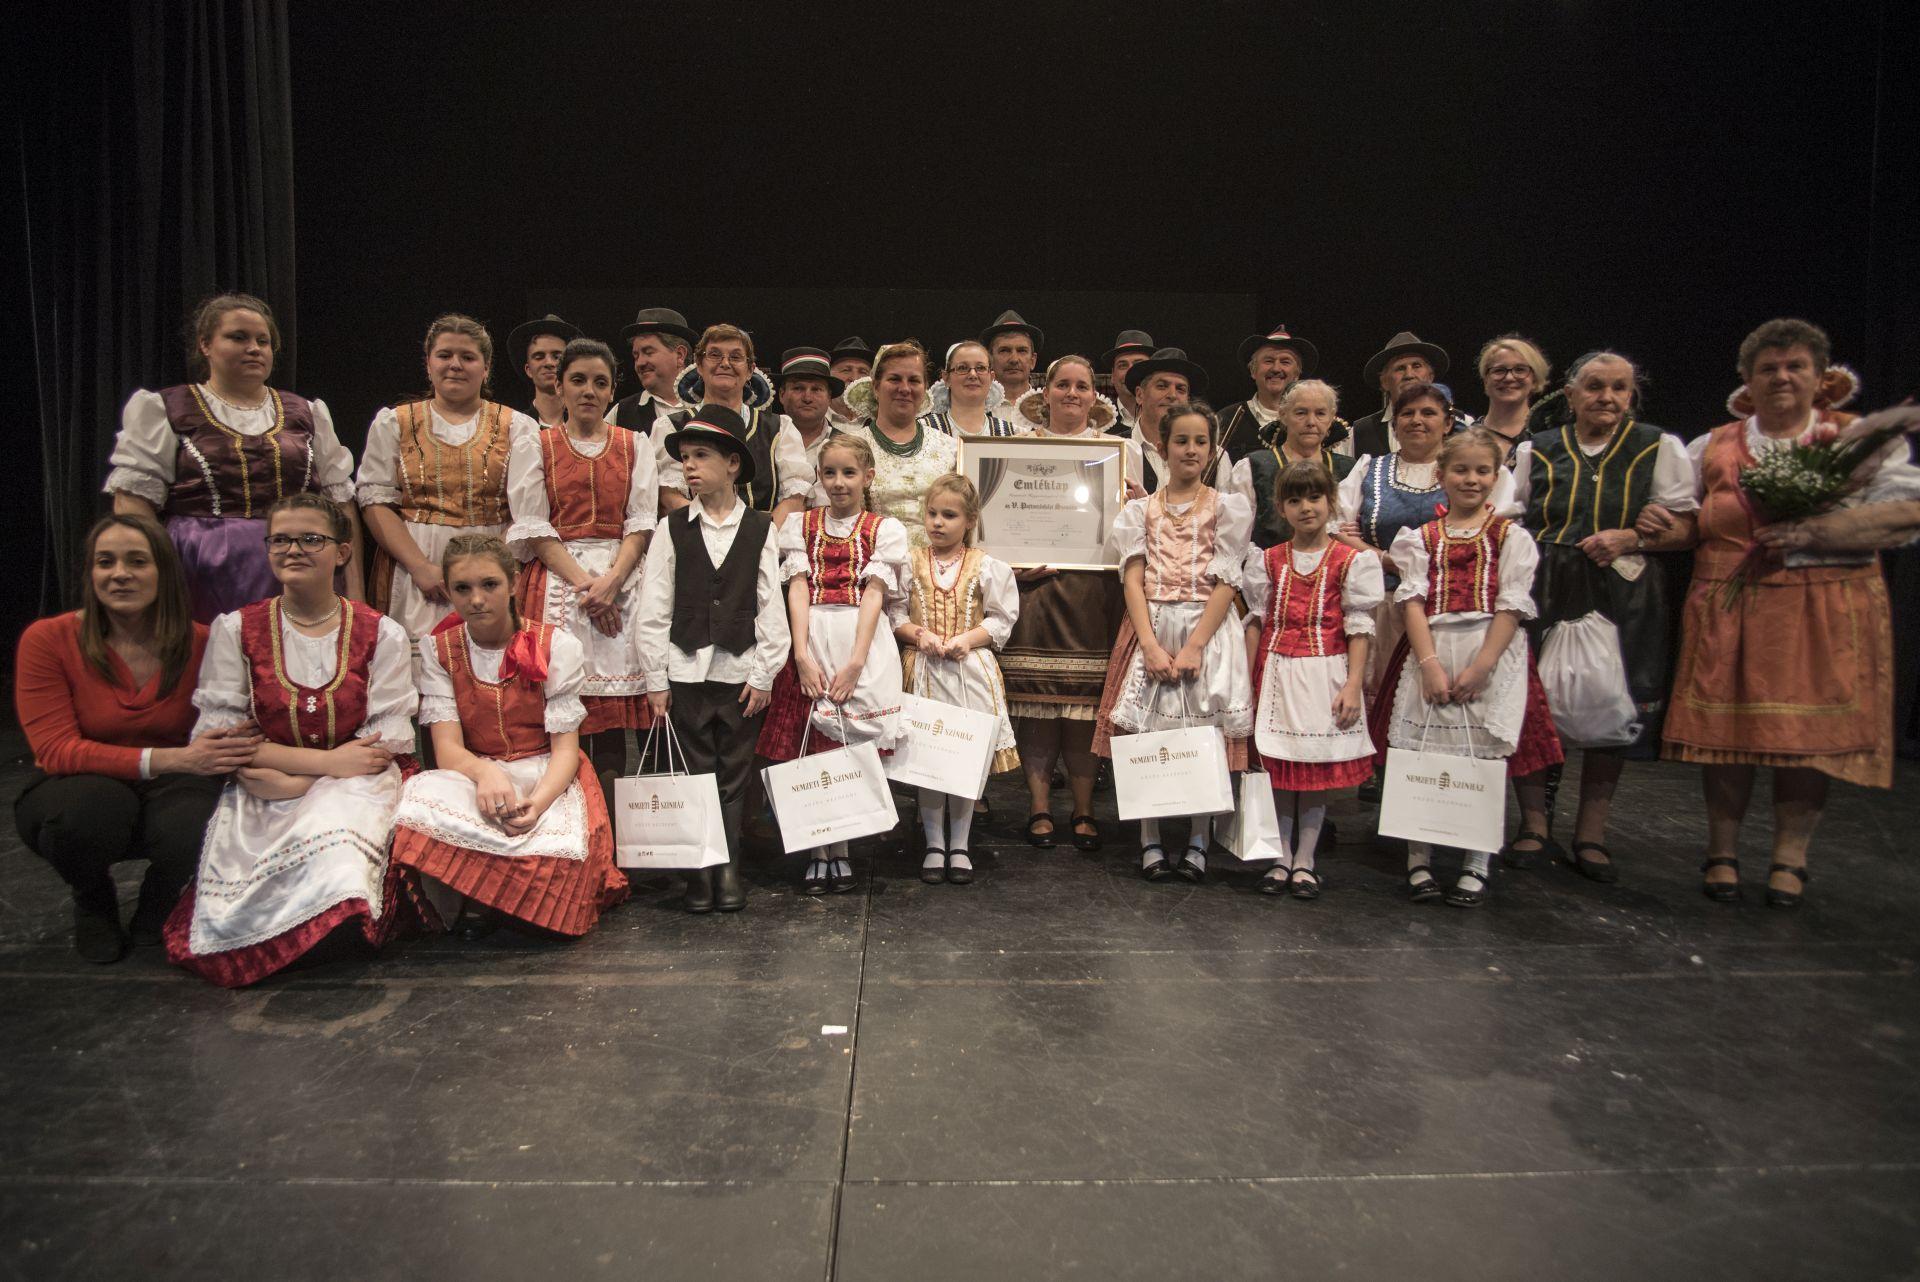 Kemencei Hagyományőrző Csoport Tulipános láda – hagyományőrző darab (Kemence, Pest megye)